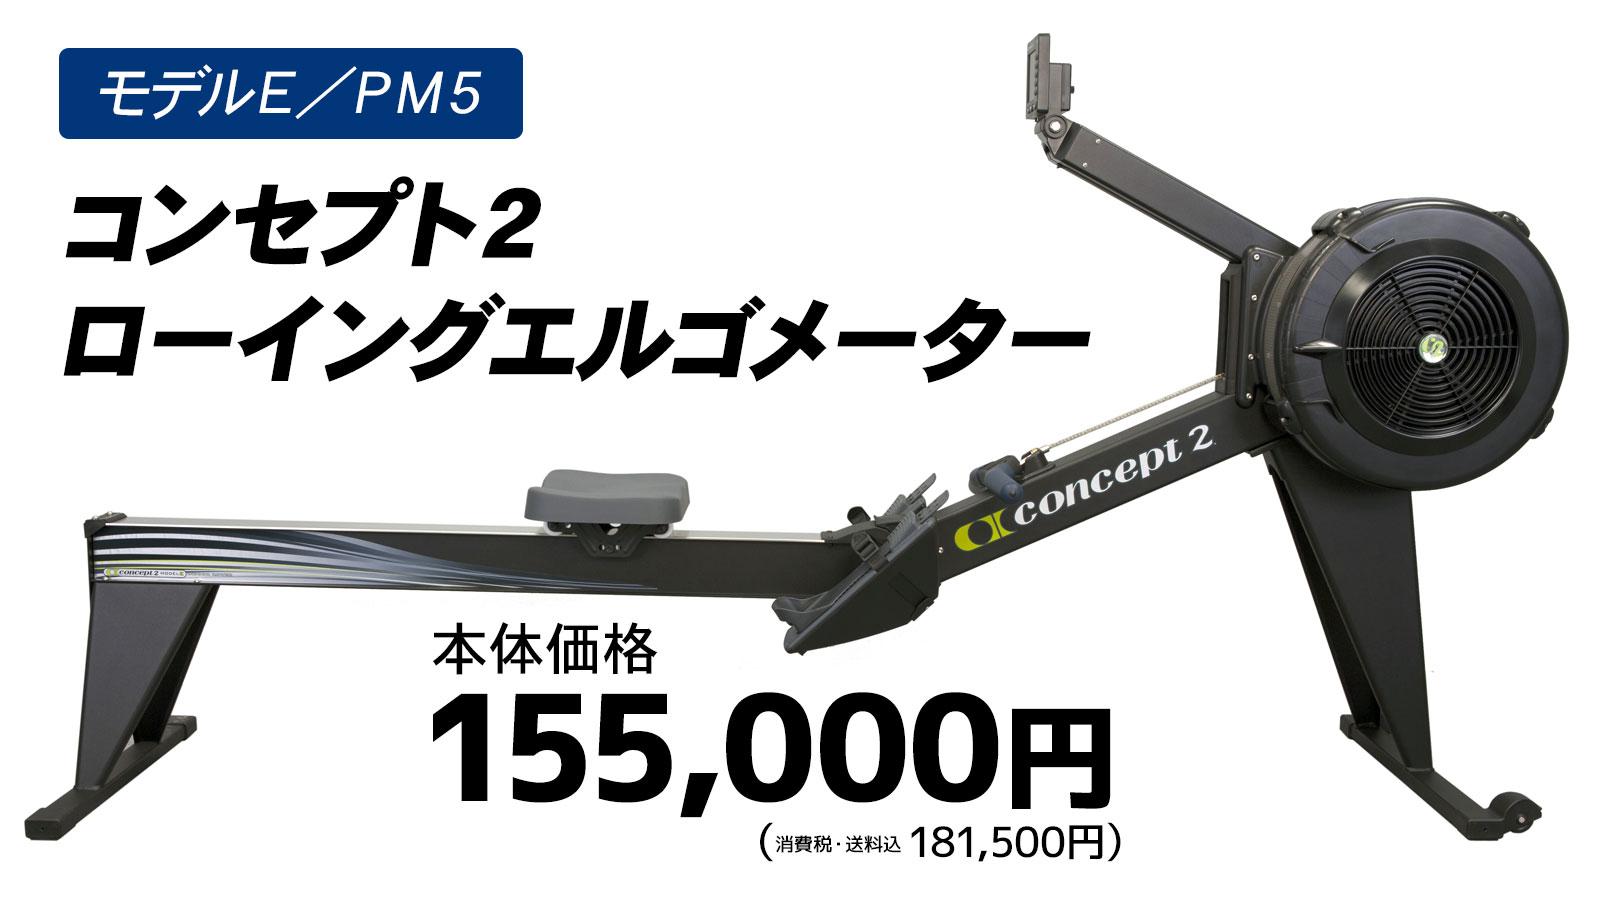 腹筋・背筋に筋トレにオススメのトレーニングマシン・コンセプト2ローイングエルゴメーターモデルE